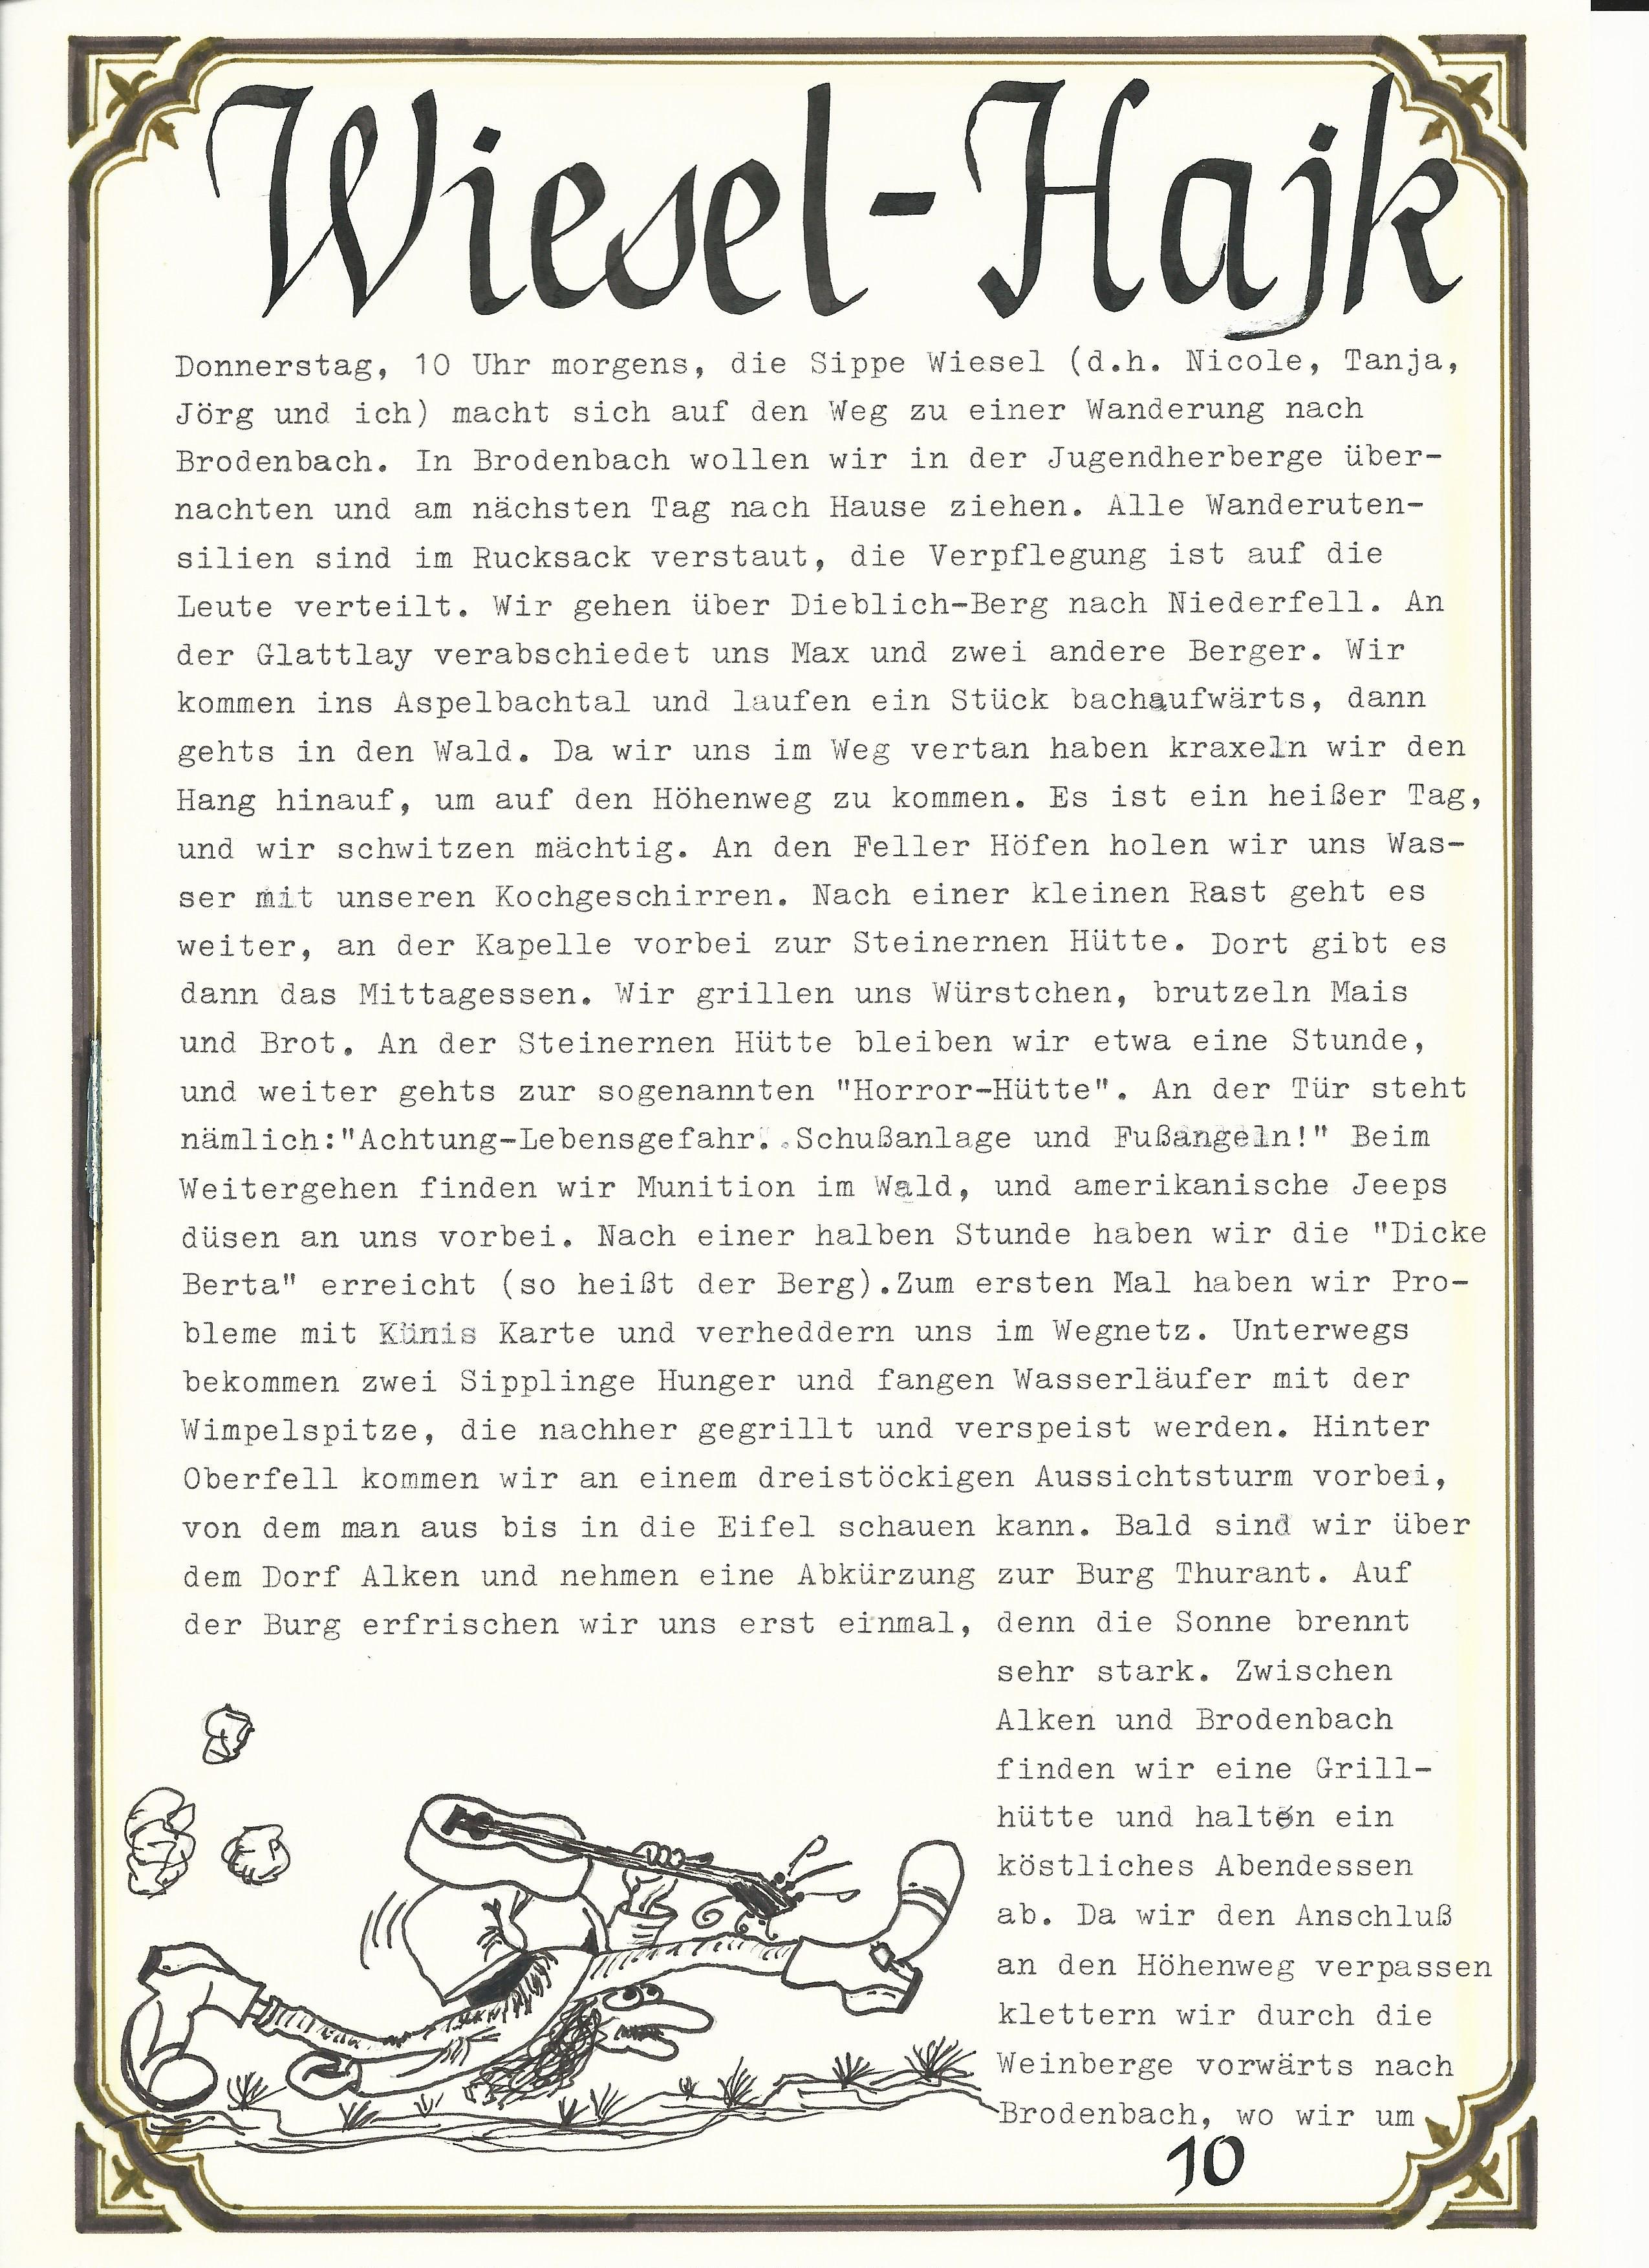 Wiesel-Hajk 1988 nach Brodenbach0001